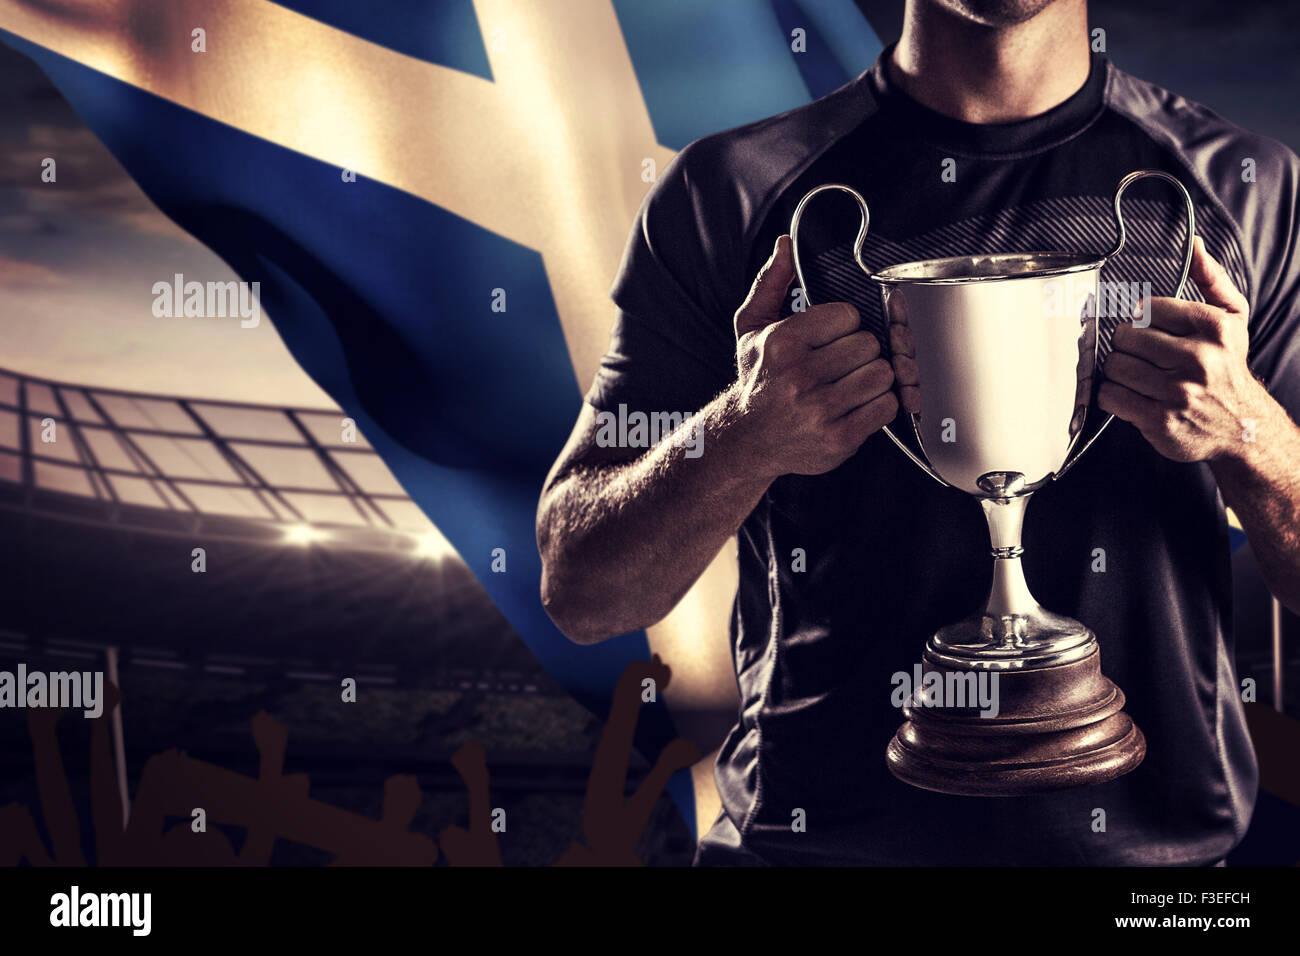 Immagine composita della vittoriosa giocatore di rugby trofeo di contenimento Immagini Stock